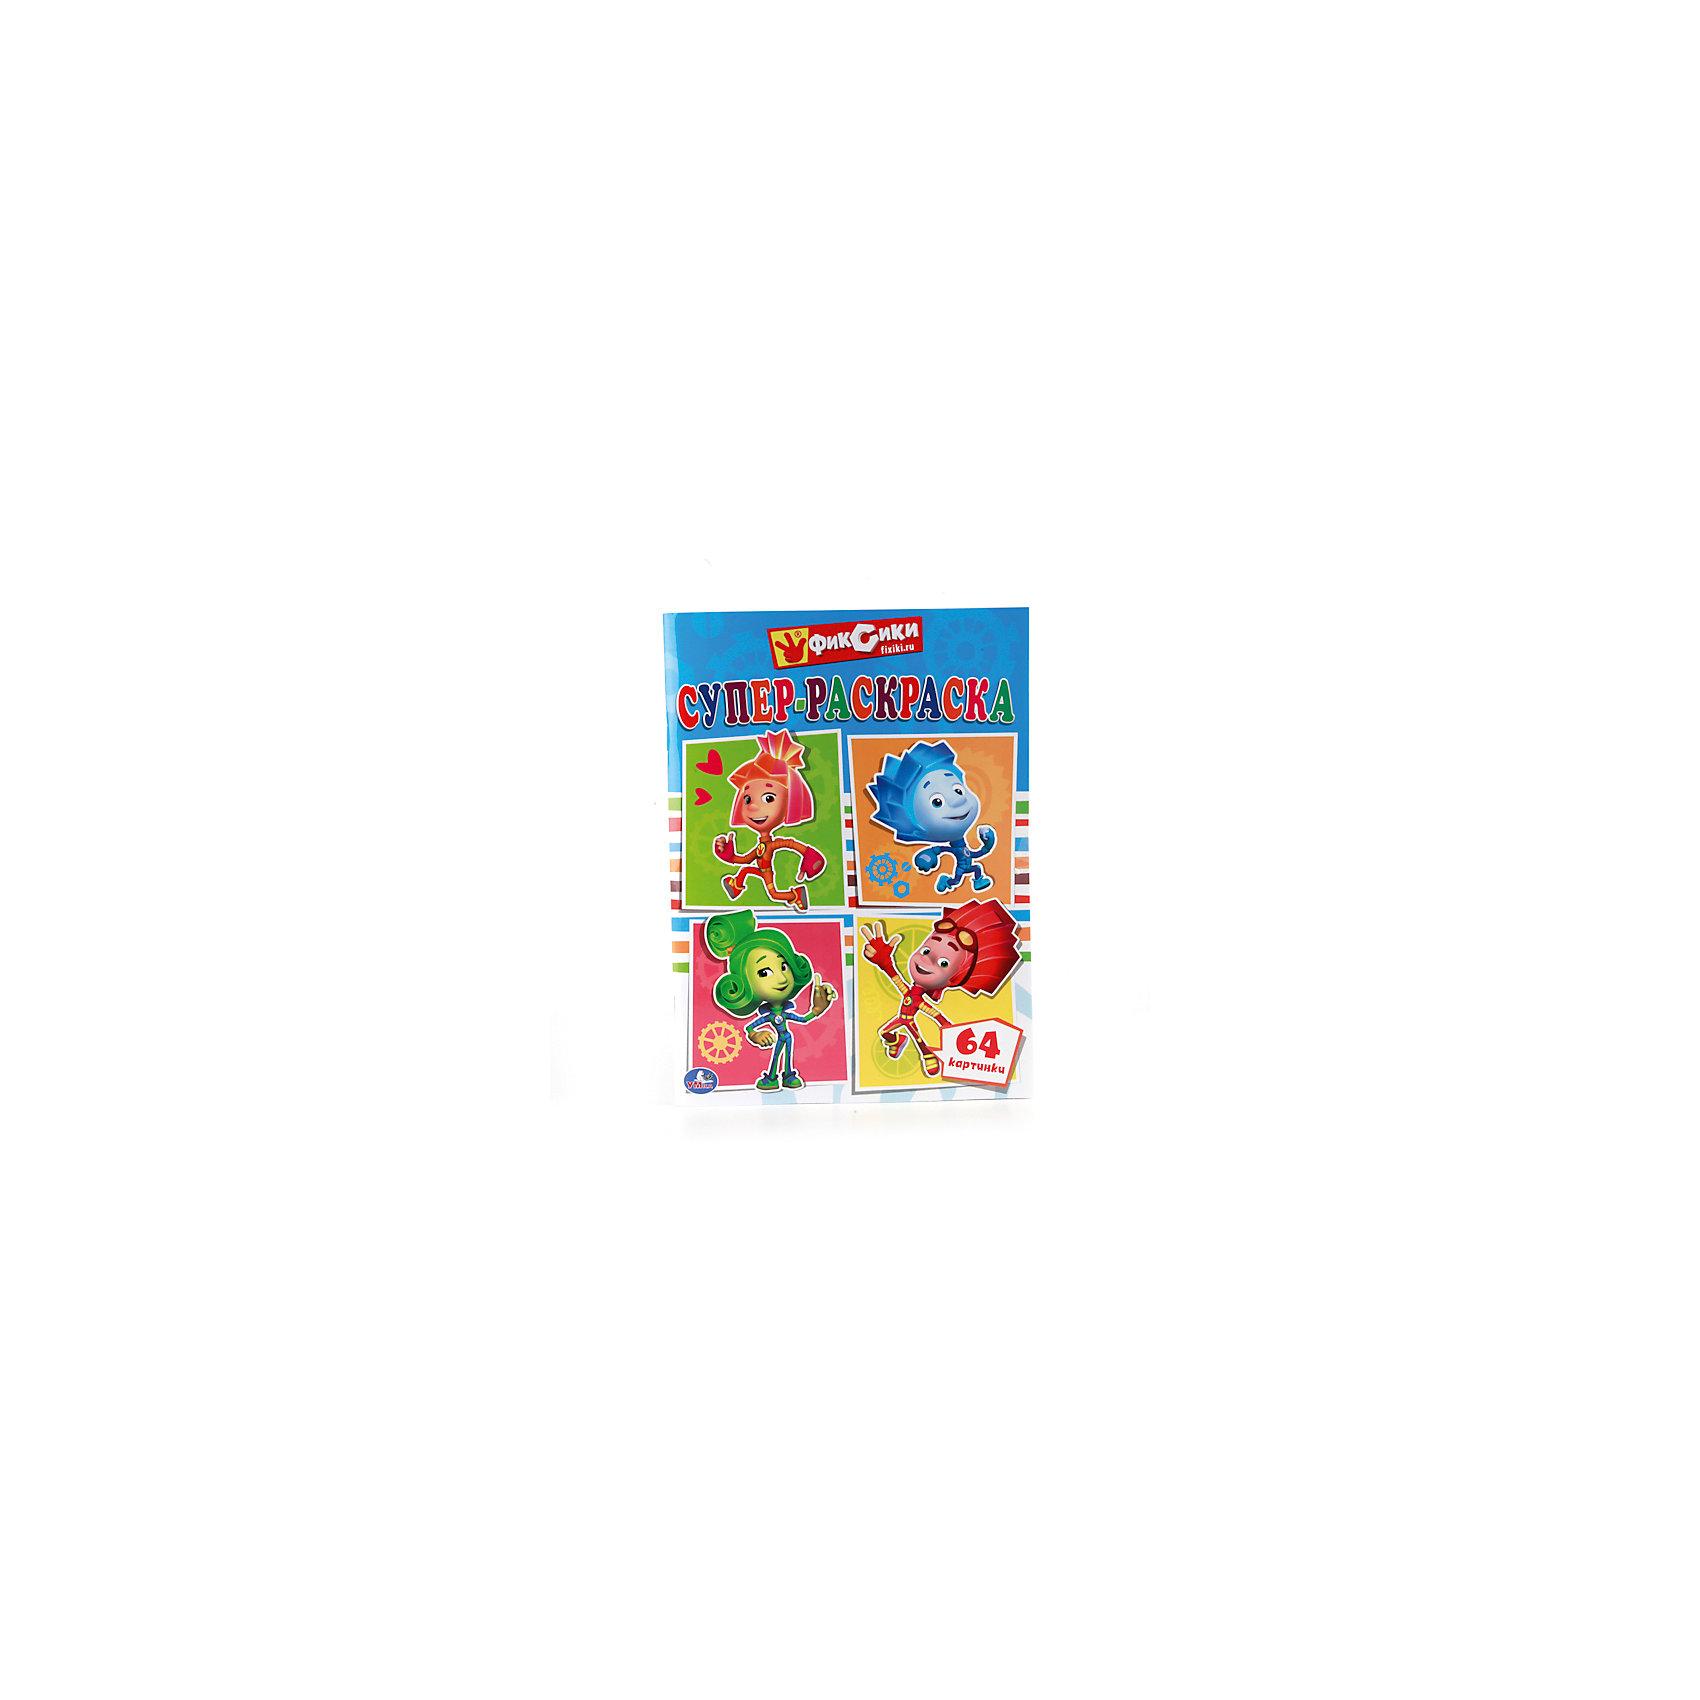 Супер-раскраска для малышей ФиксикиЛюбимые герои ждут малышей на страницах этой замечательной раскраски. Дети придут в восторг от возможности оживить цветом веселых Фиксиков. Четкие толстый контур и интересные иллюстрации сделают процесс раскрашивания приятным и увлекательным.<br><br>Дополнительная информация:<br><br>- Редактор-составитель: А. Козырь.<br>- Формат: 20,5х28 см.<br>- Количество страниц: 64.<br>- Иллюстрации: цветные, черно-белые. <br>- Переплет: мягкий. <br><br>Супер-раскраску для малышей Фиксики можно купить в нашем магазине.<br><br>Ширина мм: 280<br>Глубина мм: 200<br>Высота мм: 5<br>Вес г: 150<br>Возраст от месяцев: 36<br>Возраст до месяцев: 2147483647<br>Пол: Унисекс<br>Возраст: Детский<br>SKU: 4585396